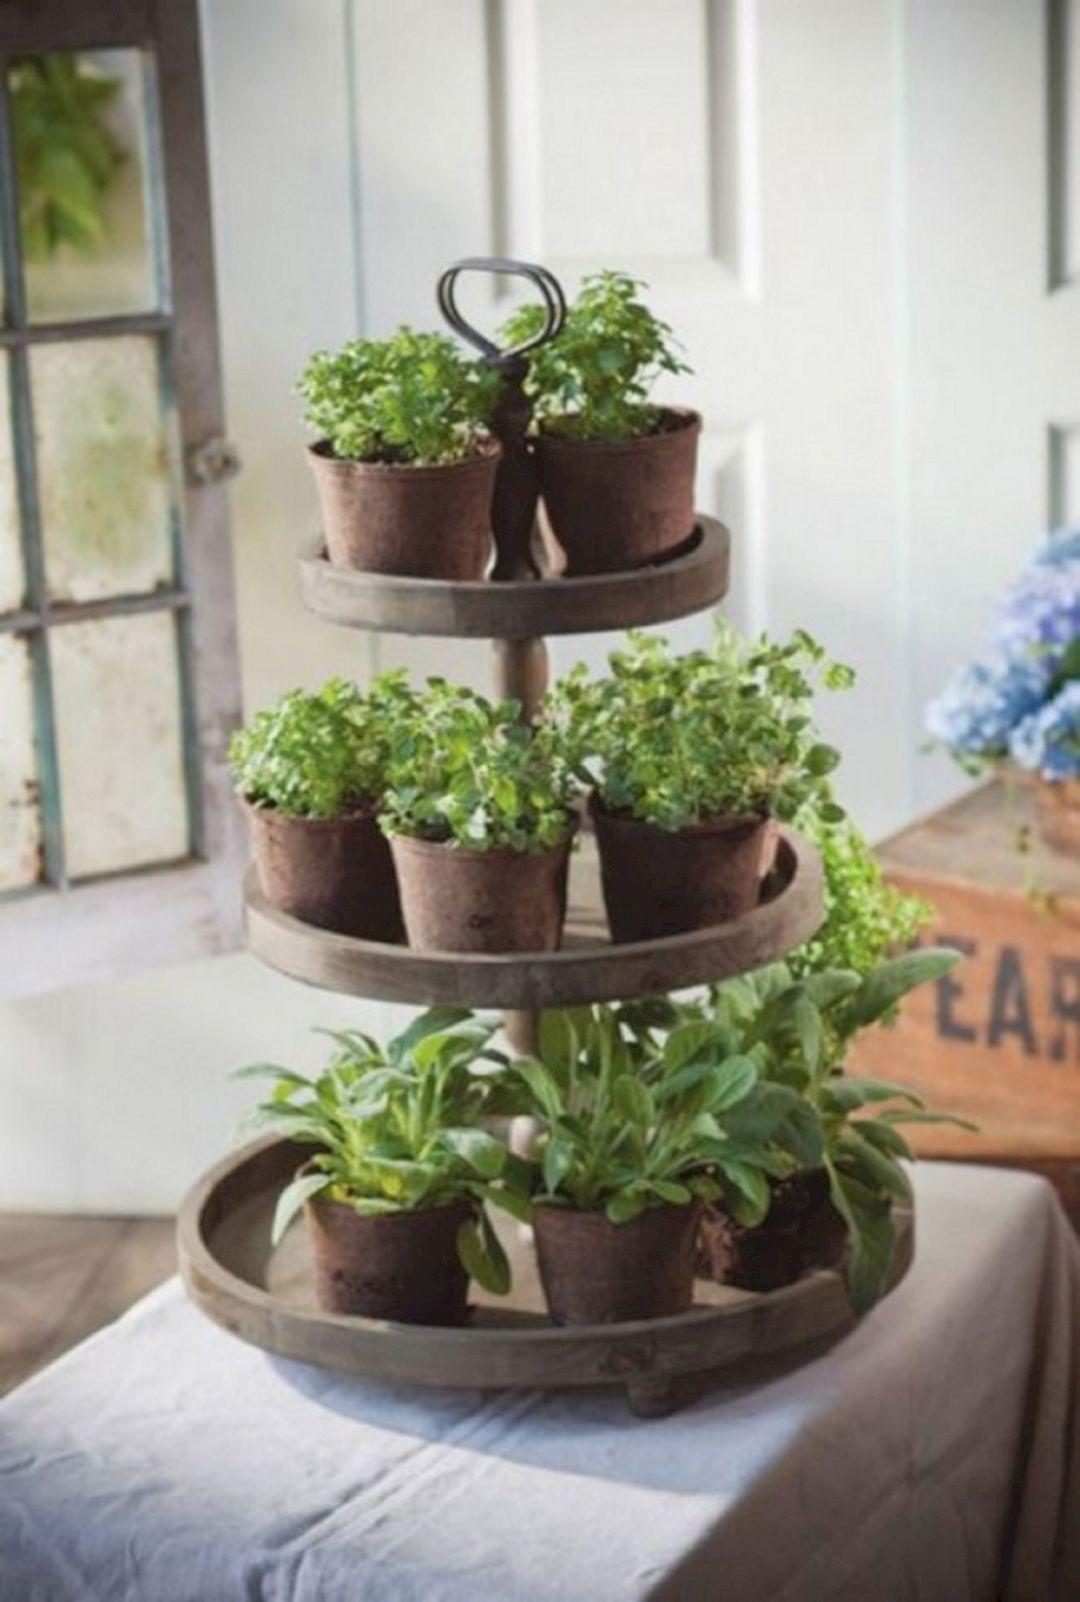 DIY Indoor Herb Garden 12